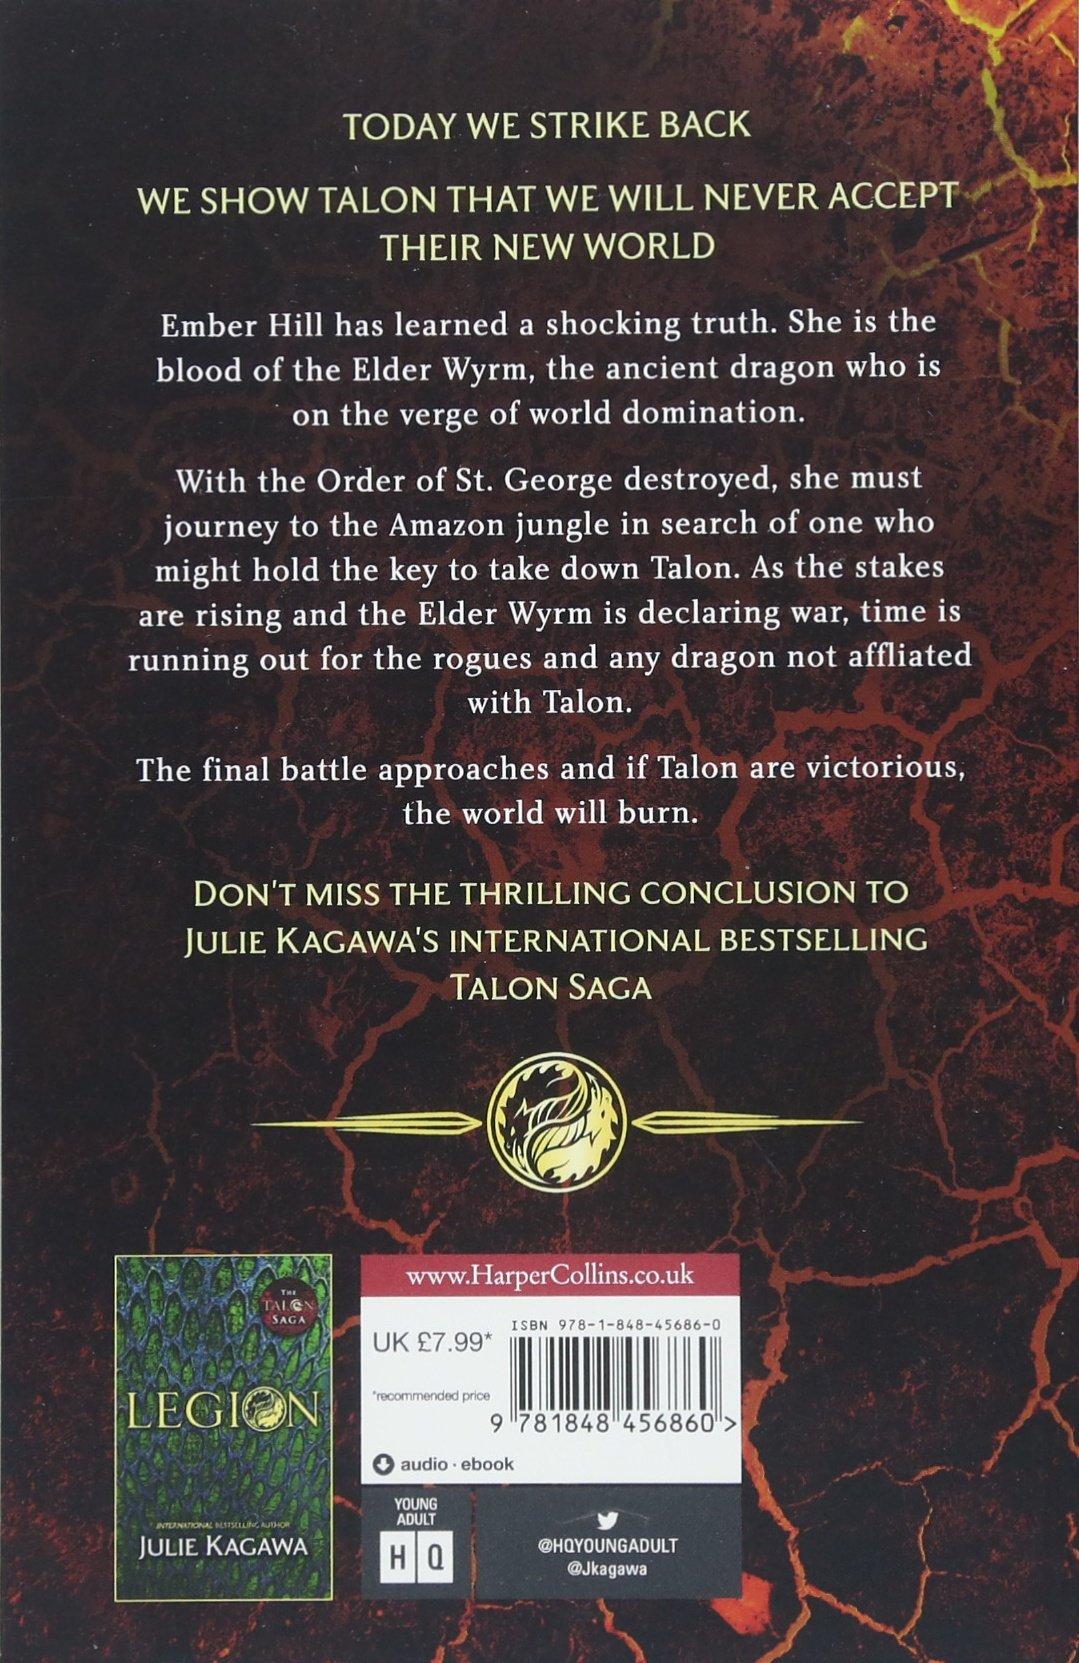 Inferno (The Talon Saga) [Paperback] [Jan 01, 2018] Julie Kagawa: Julie  Kagawa: 9781848456860: Amazon.com: Books